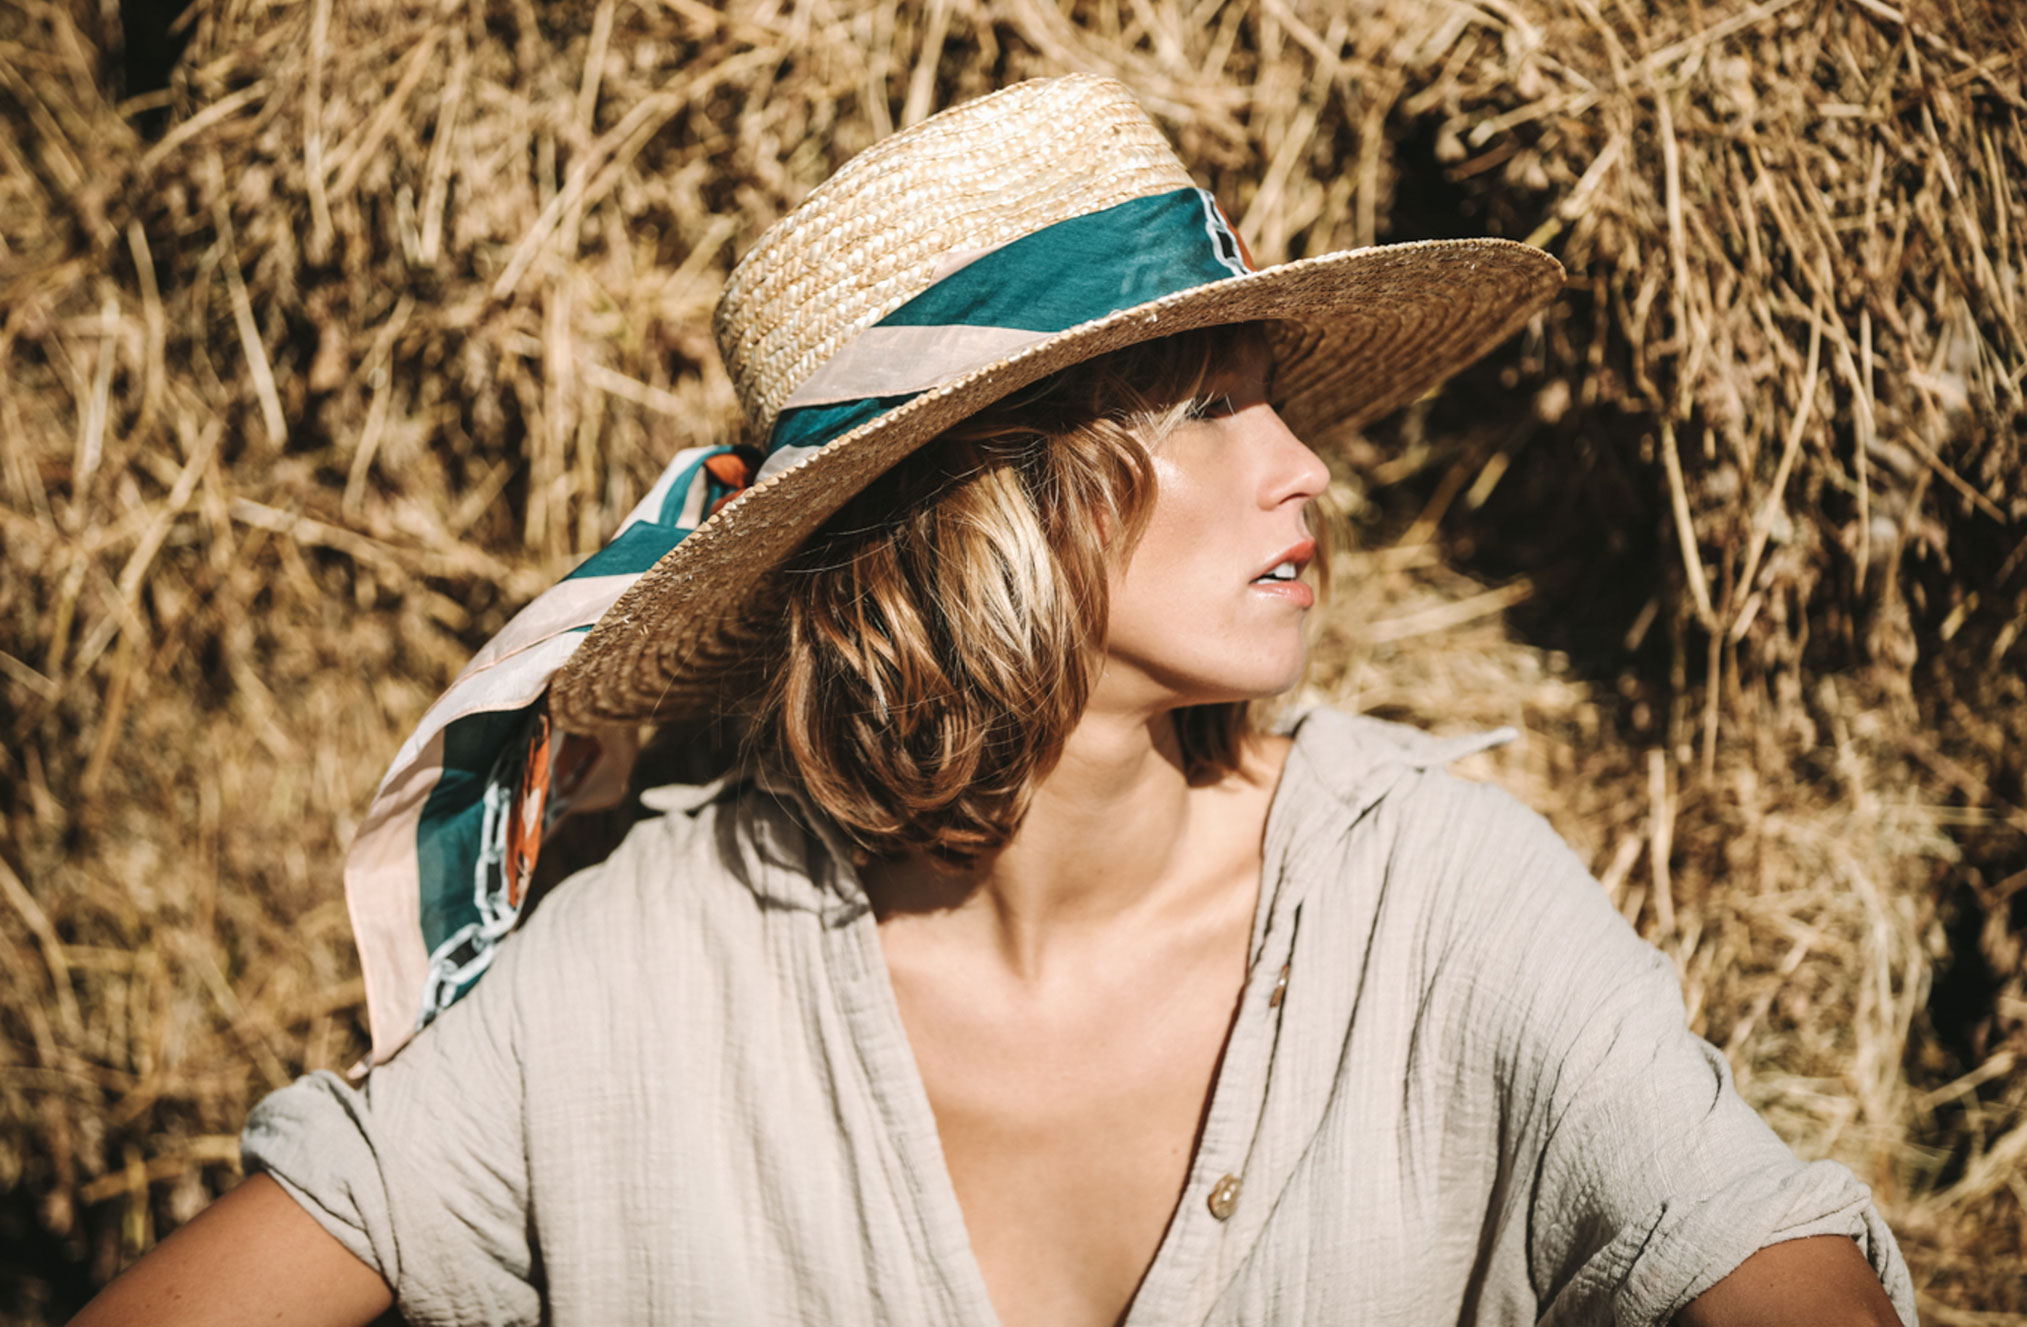 Поездка по Марокко в рекламе шляп, косынок и бандан Fringe and Frange / фото 09